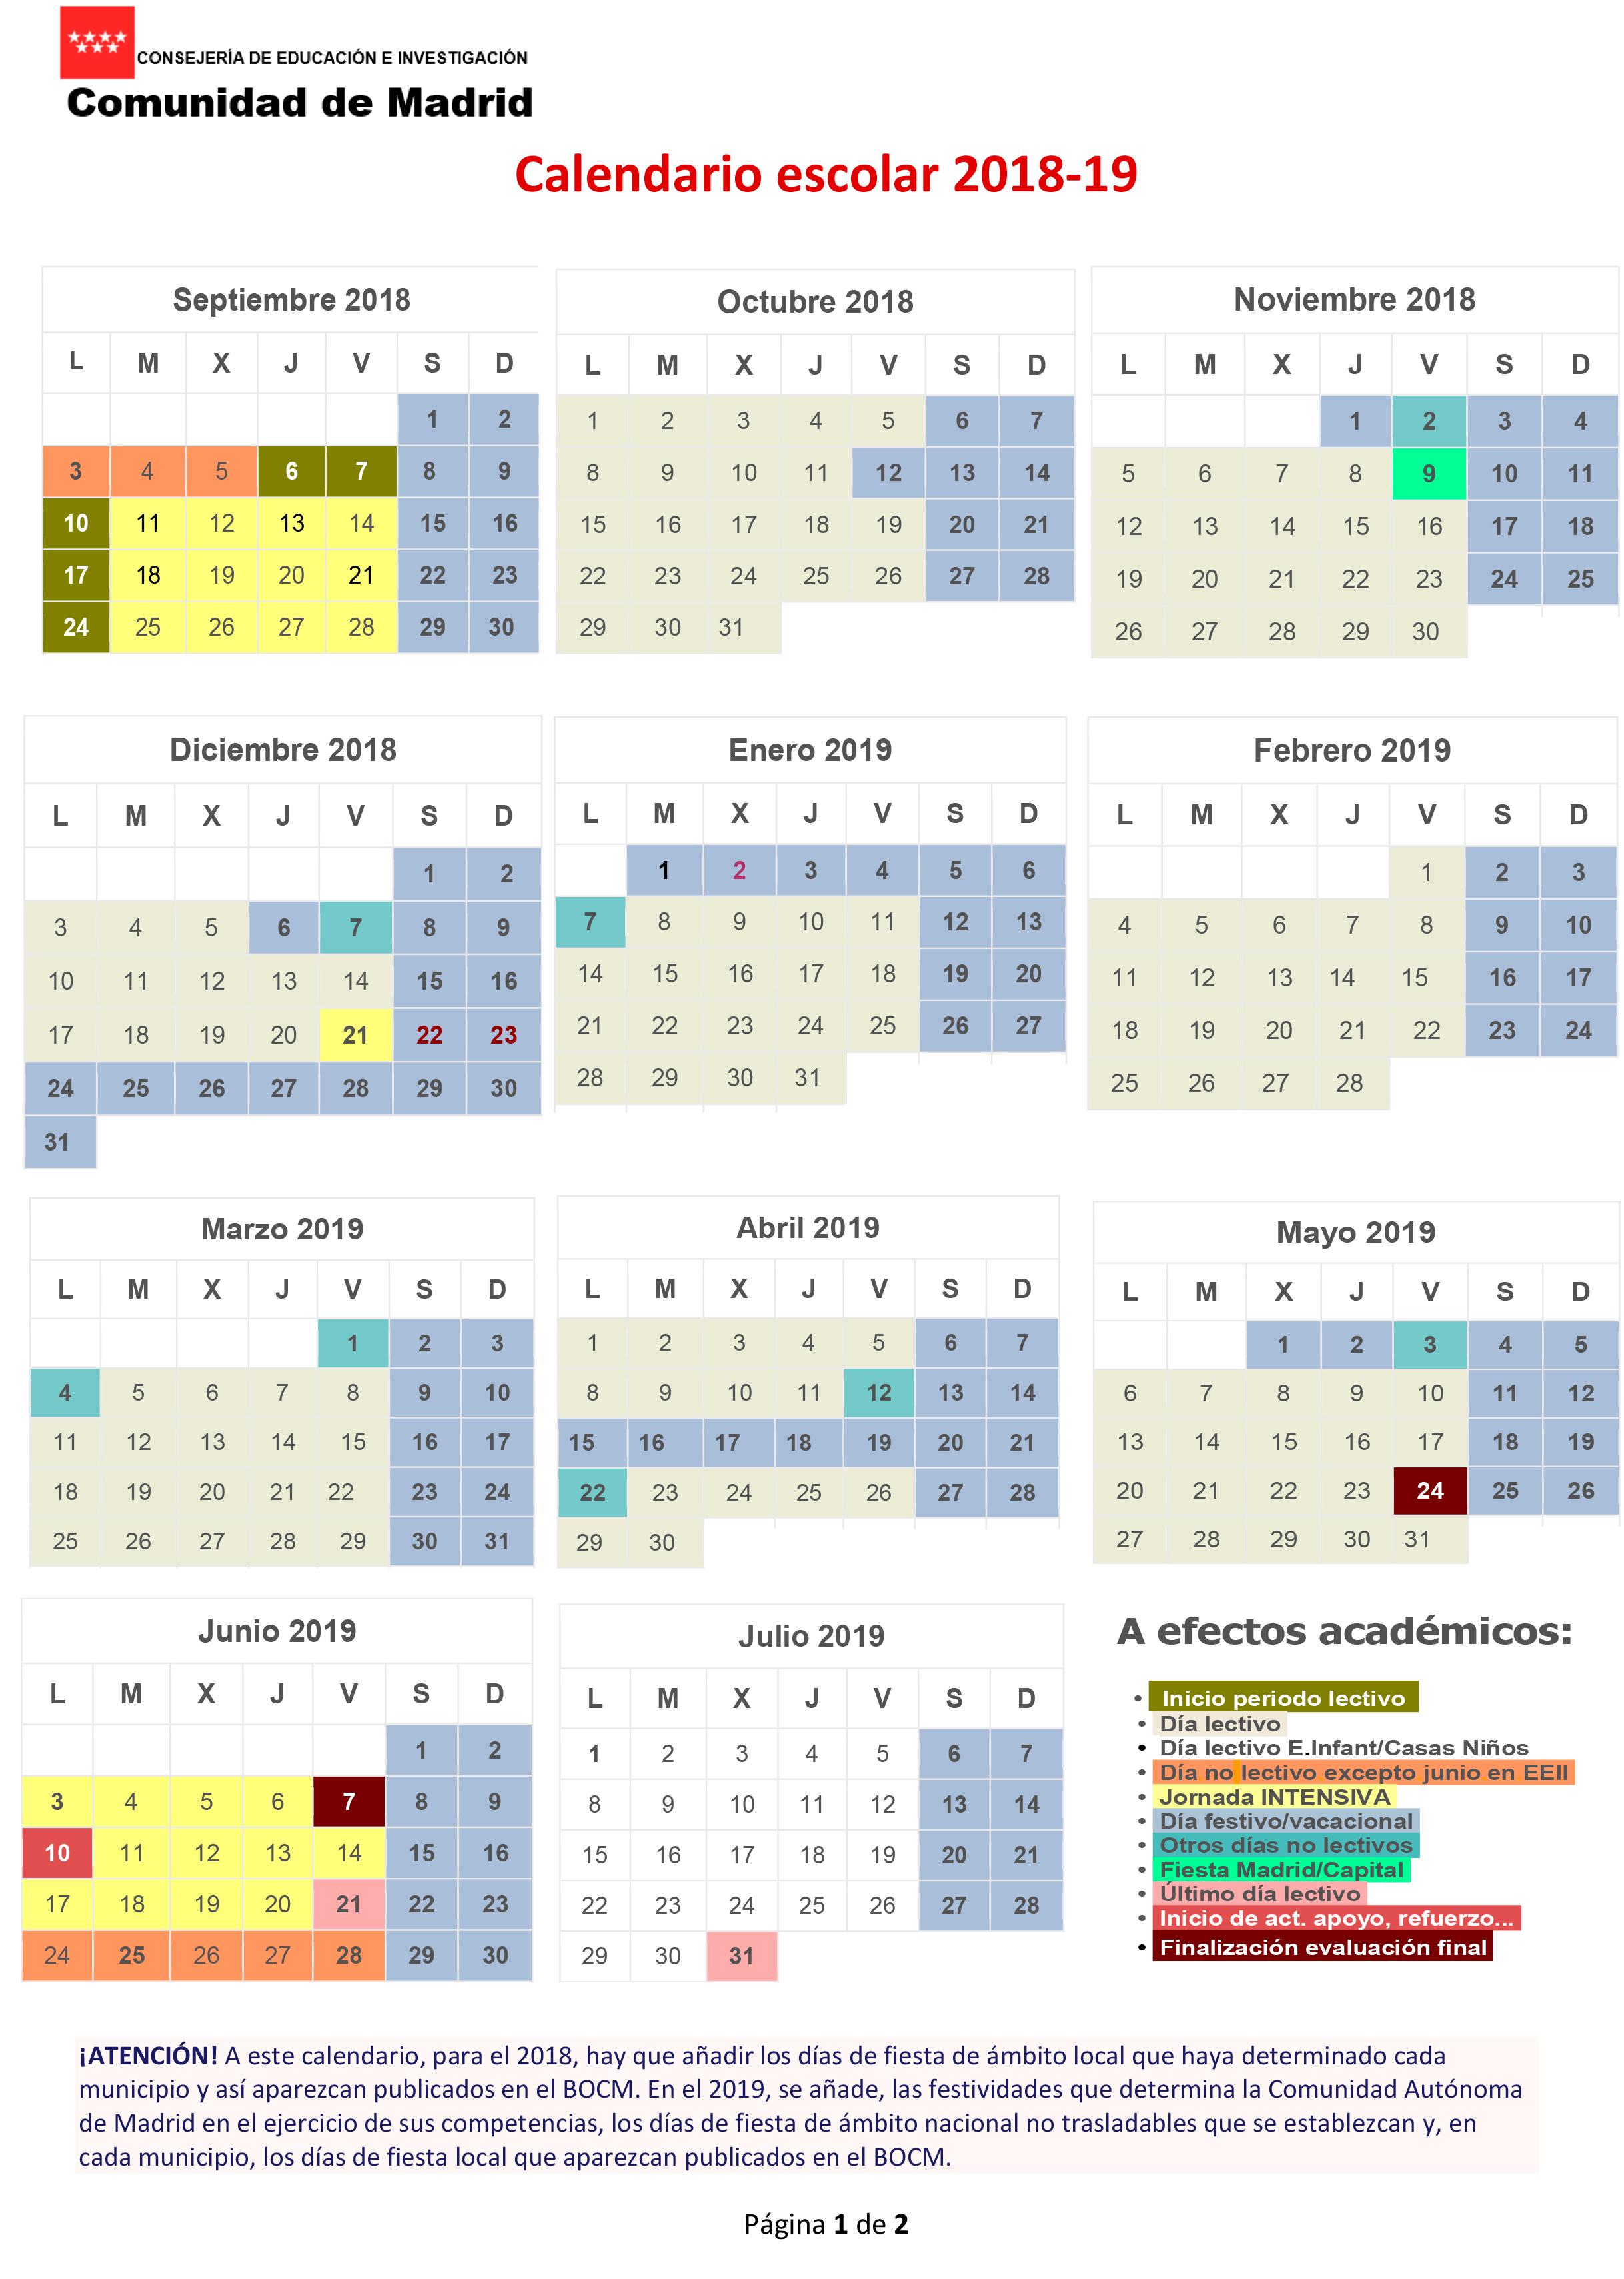 Calendario escolar 2018-19